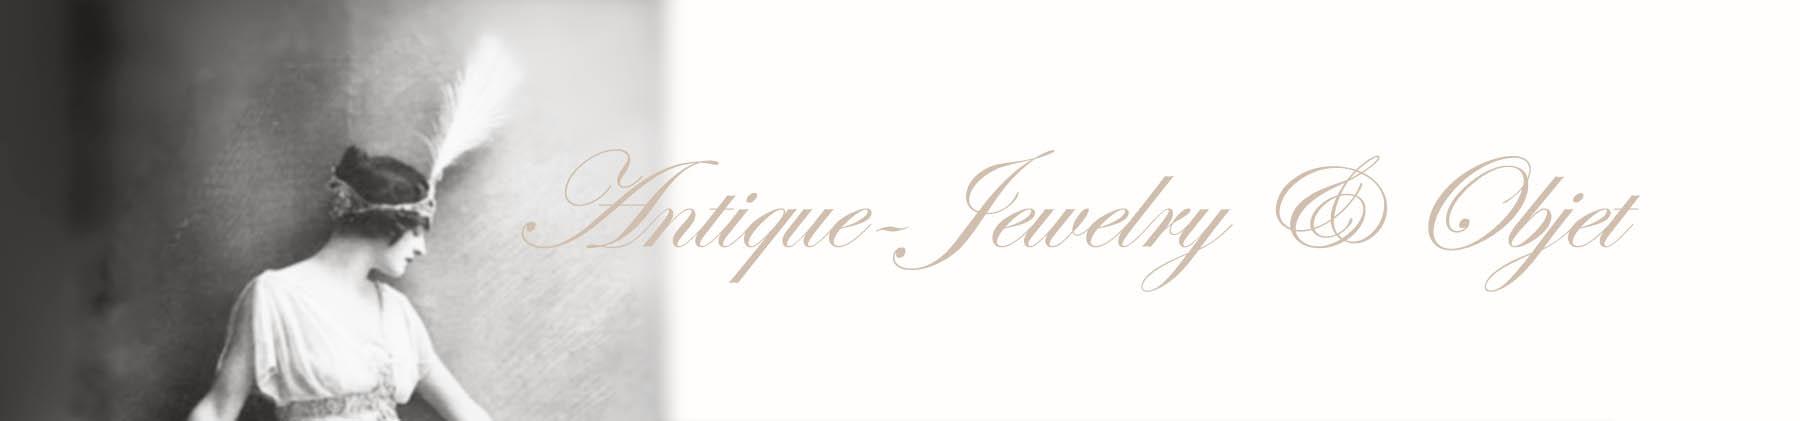 新掲載のアンティークジュエリー オブジェ フランス